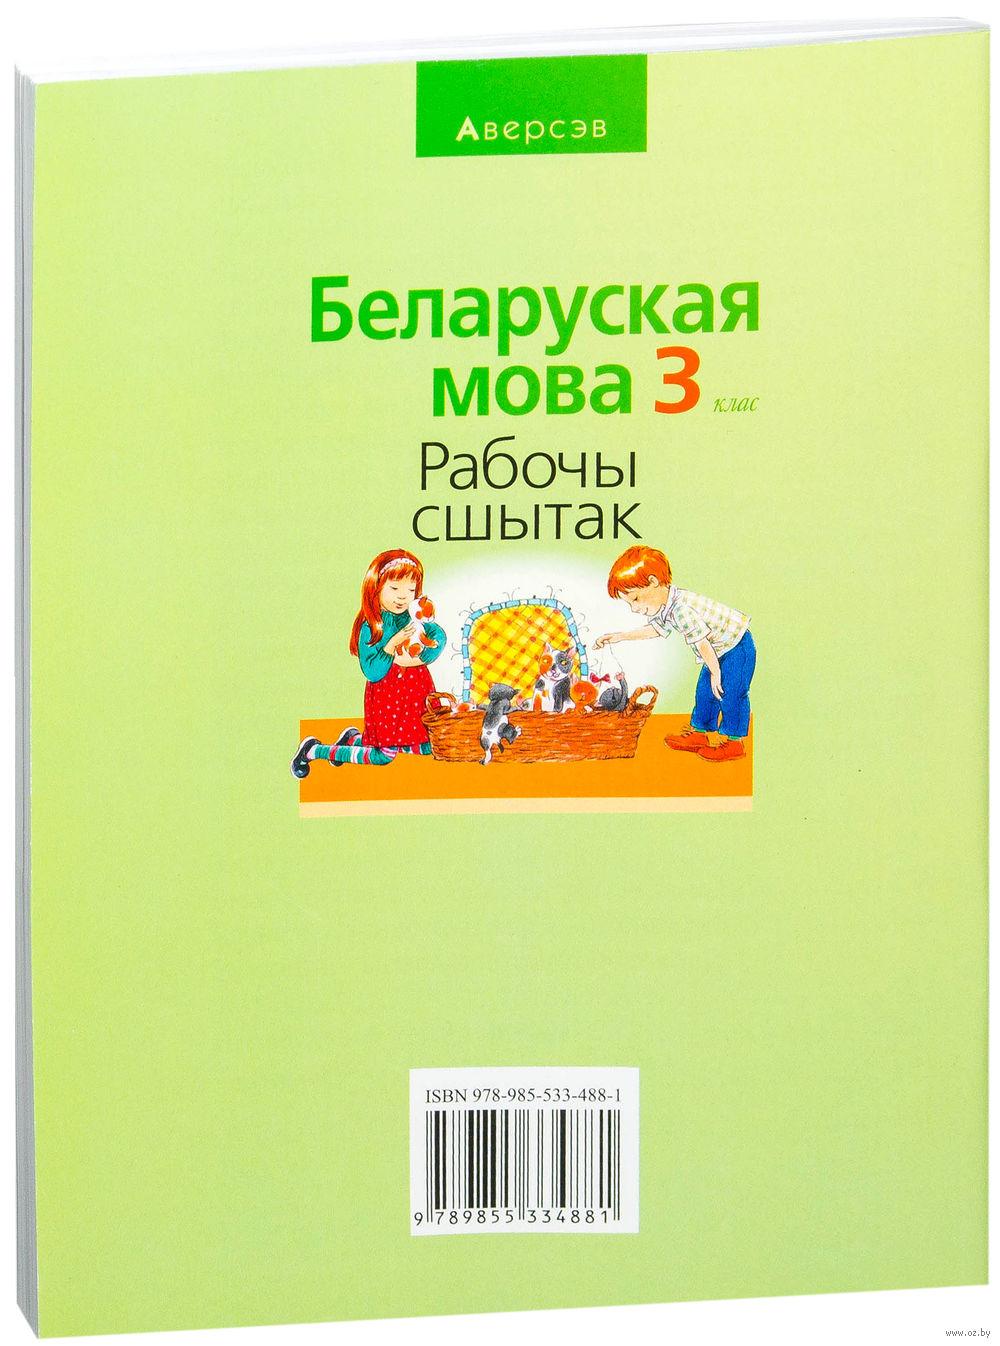 Гдз Тумаш Рабочы Сшытак 5 Клас